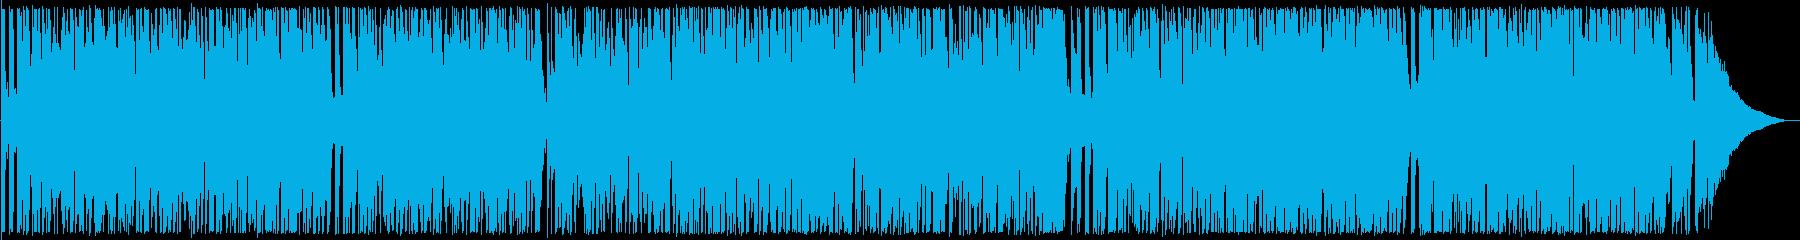 軽やかなギターサウンドの再生済みの波形